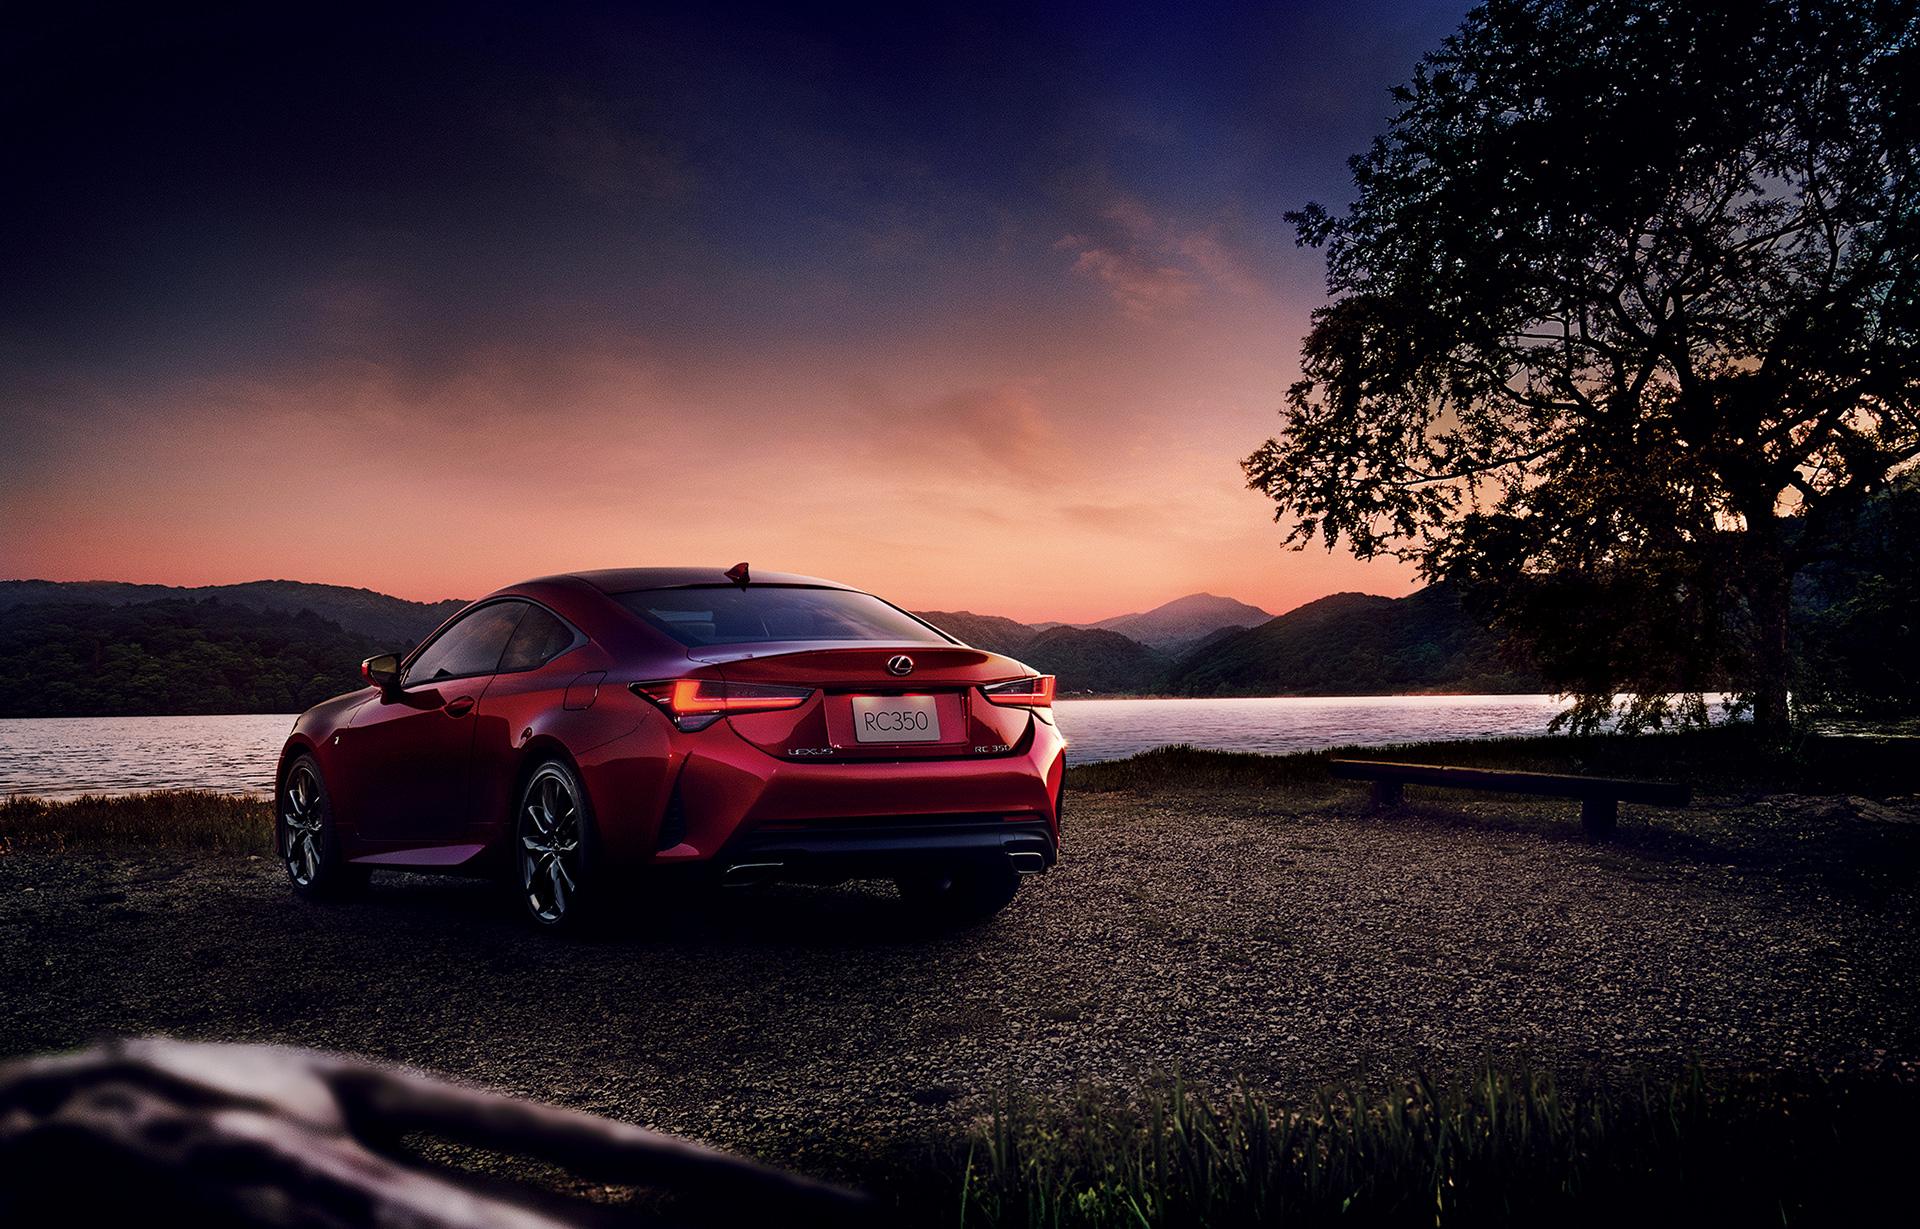 「【新車】レクサスRCがマイナーチェンジ。LC譲りのエレガントな外観と高い走行性能を獲得」の10枚目の画像